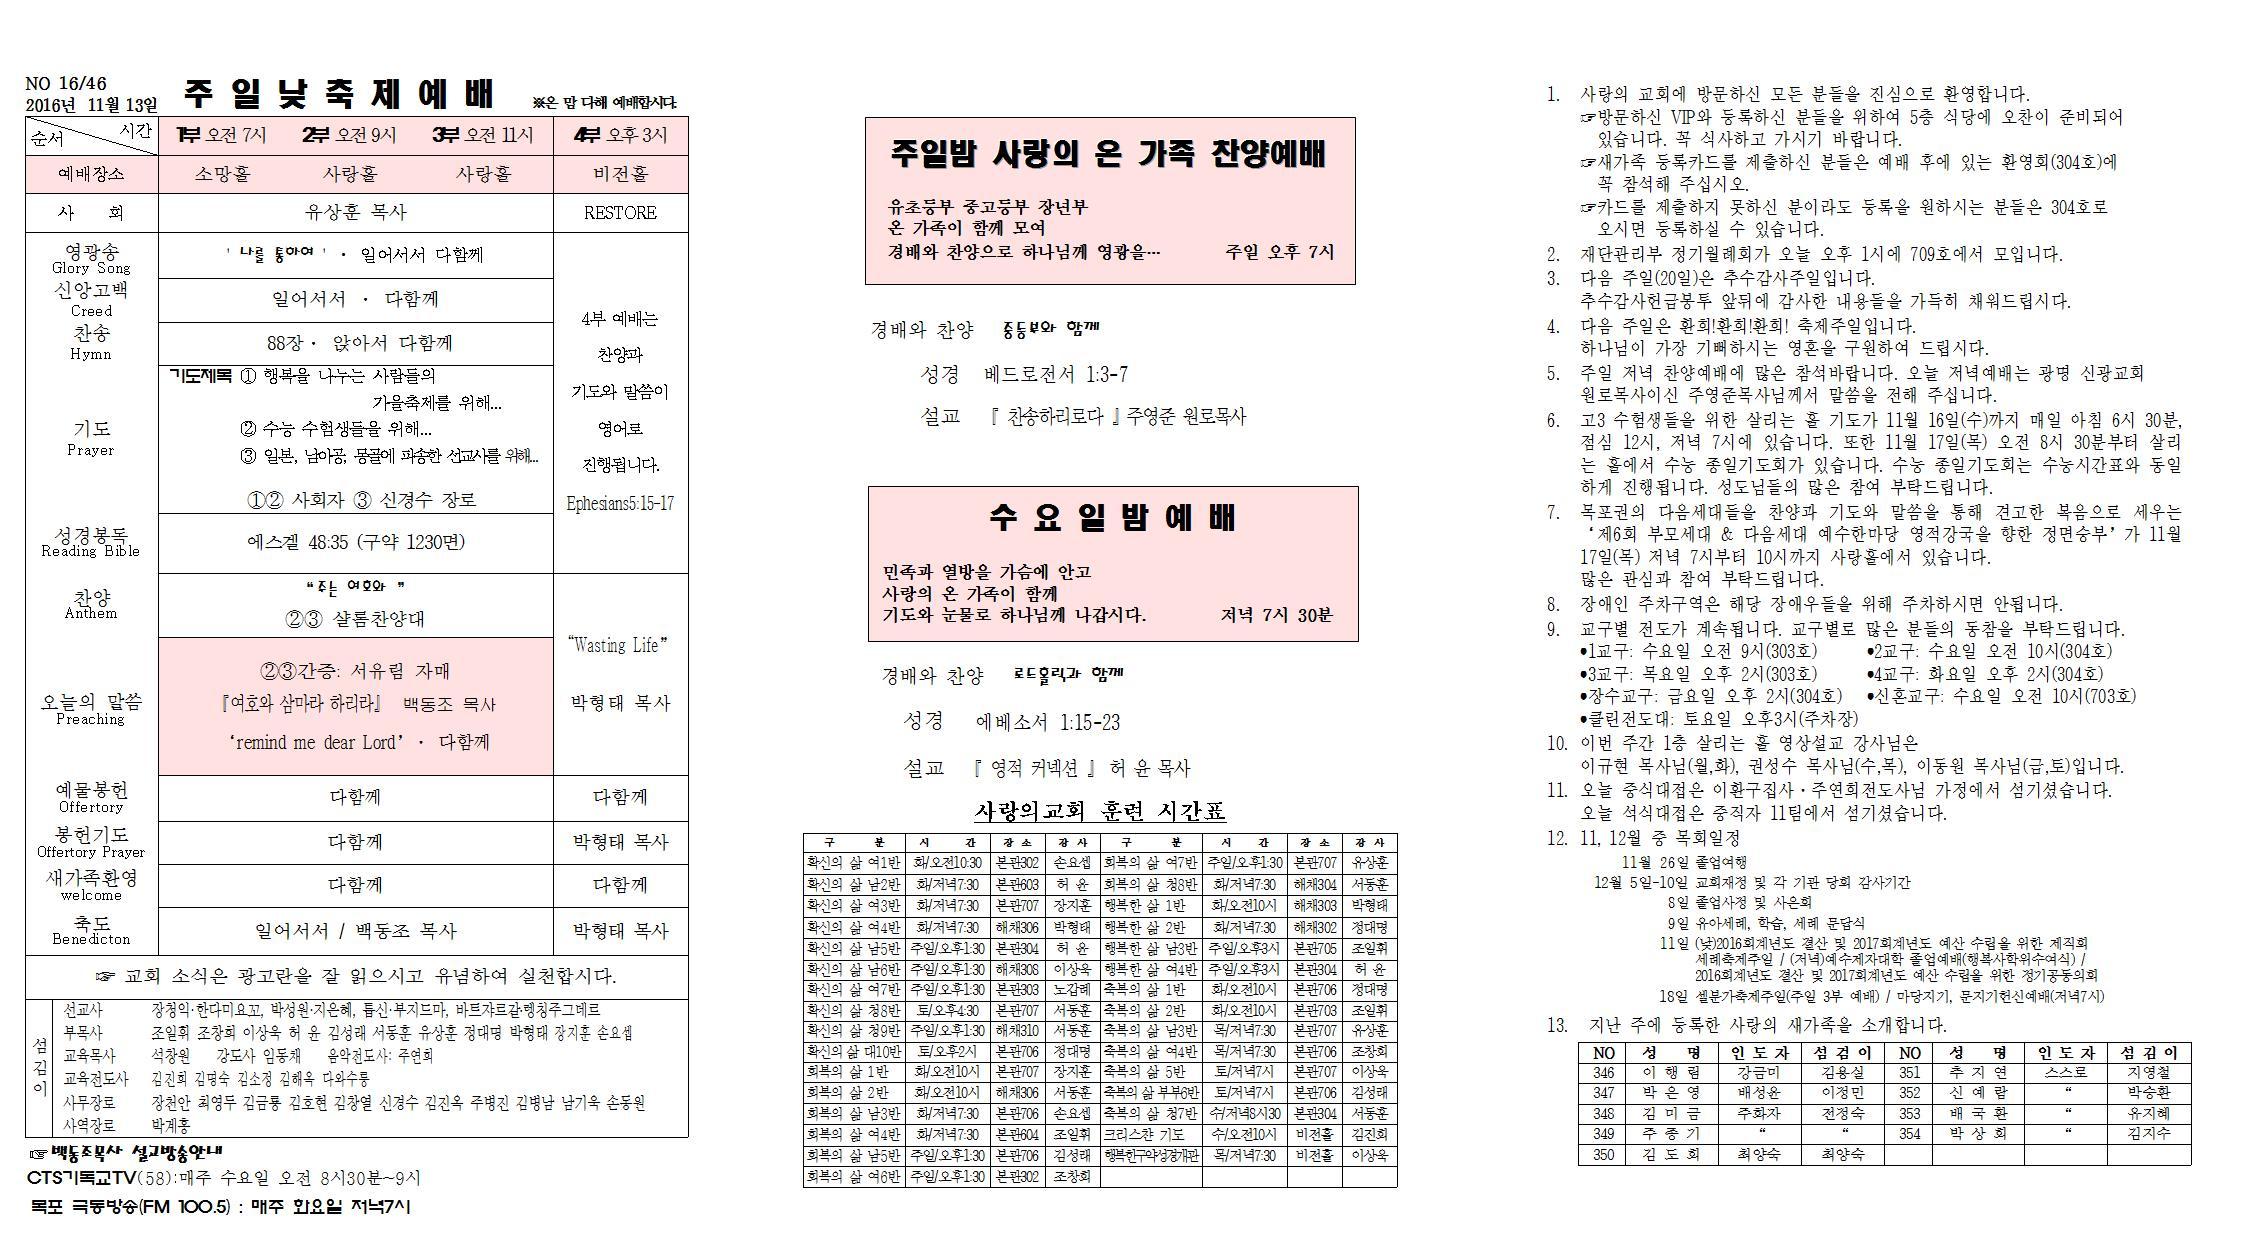 16-11-13_주보한글001001.jpg